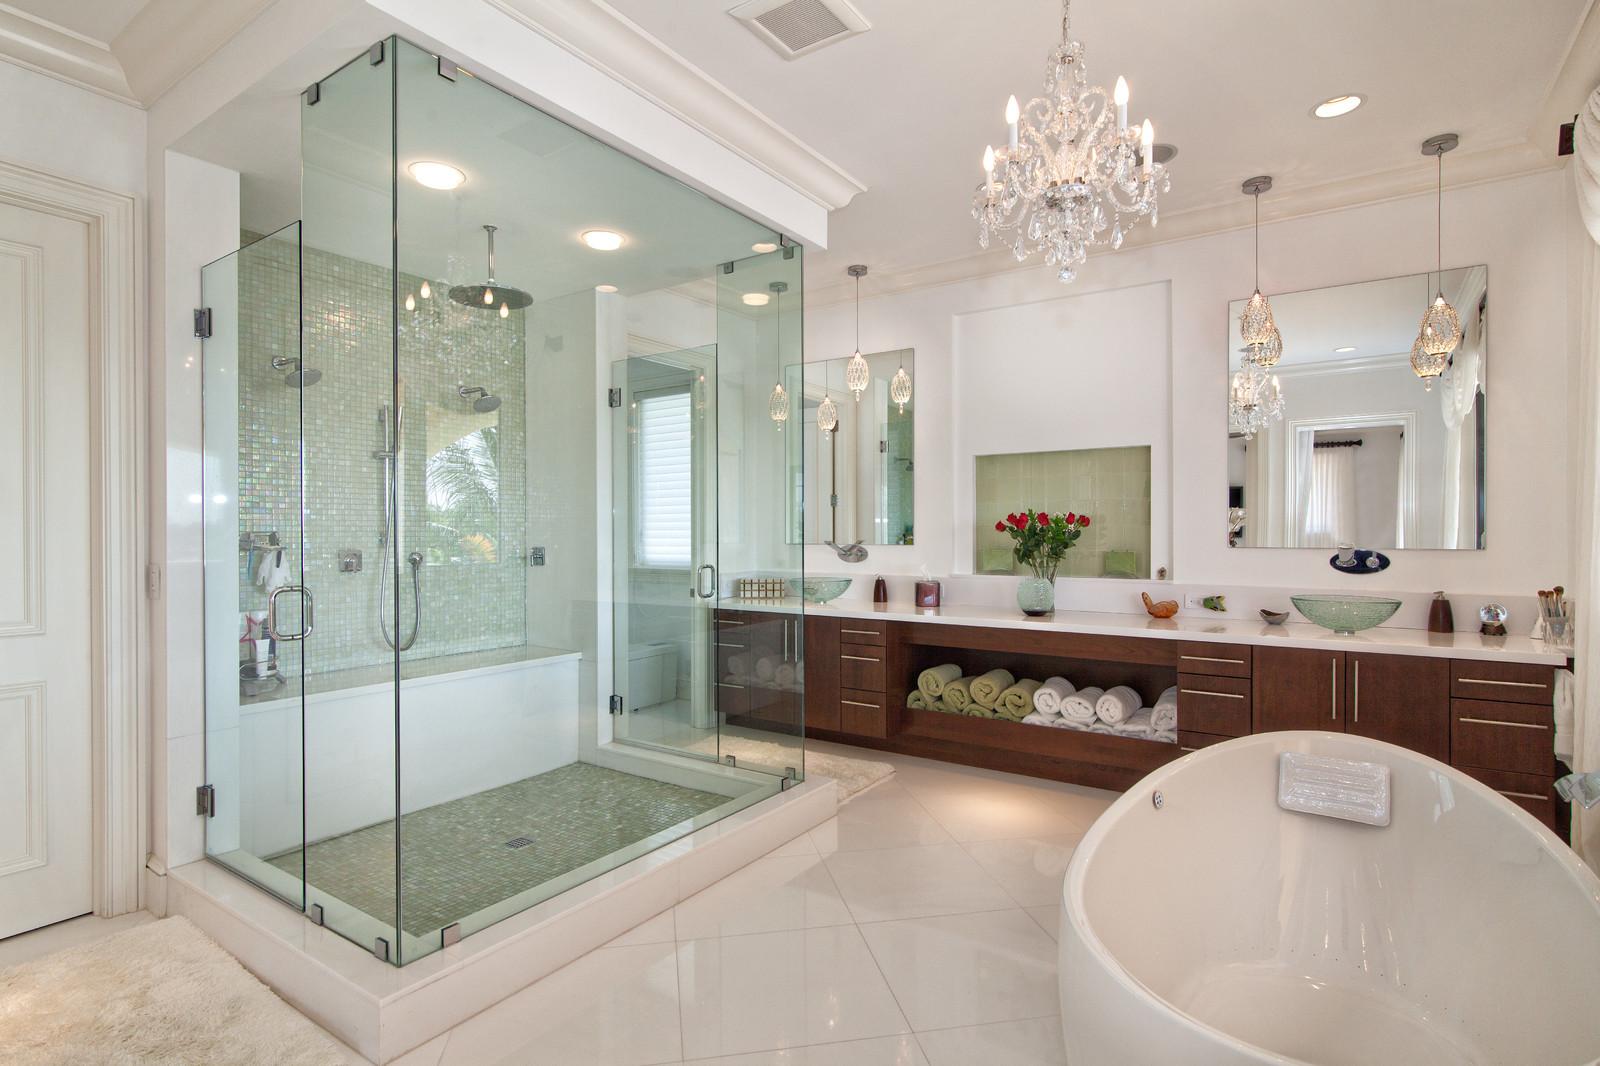 Большая стеклянная душевая с мозаикой в ванной комнате